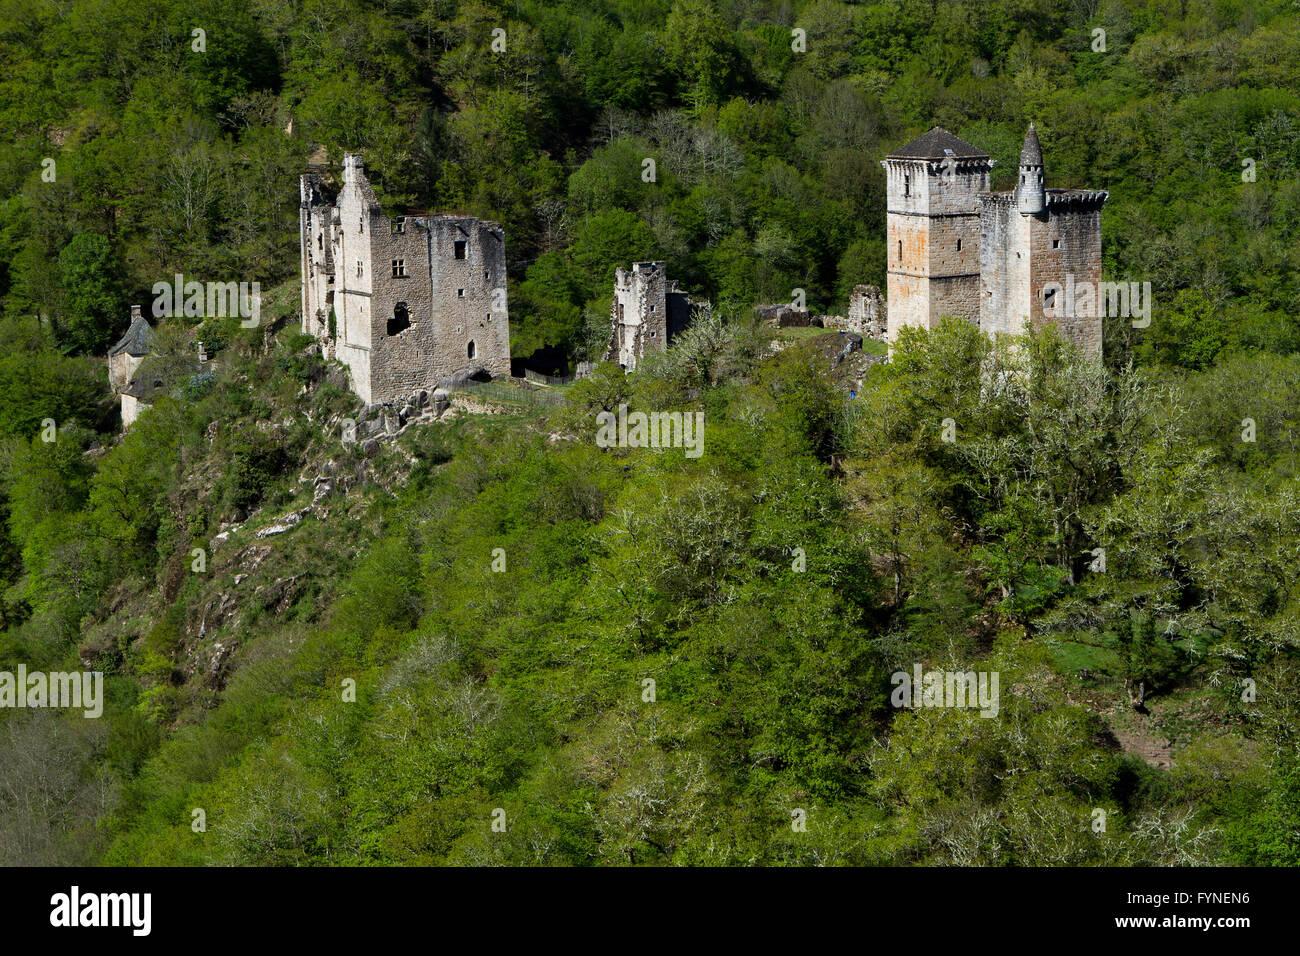 Les Tours de Merle 12th century Medieval castle in Corrèze, Aquitaine Limousin Poitou Charentes France - Stock Image